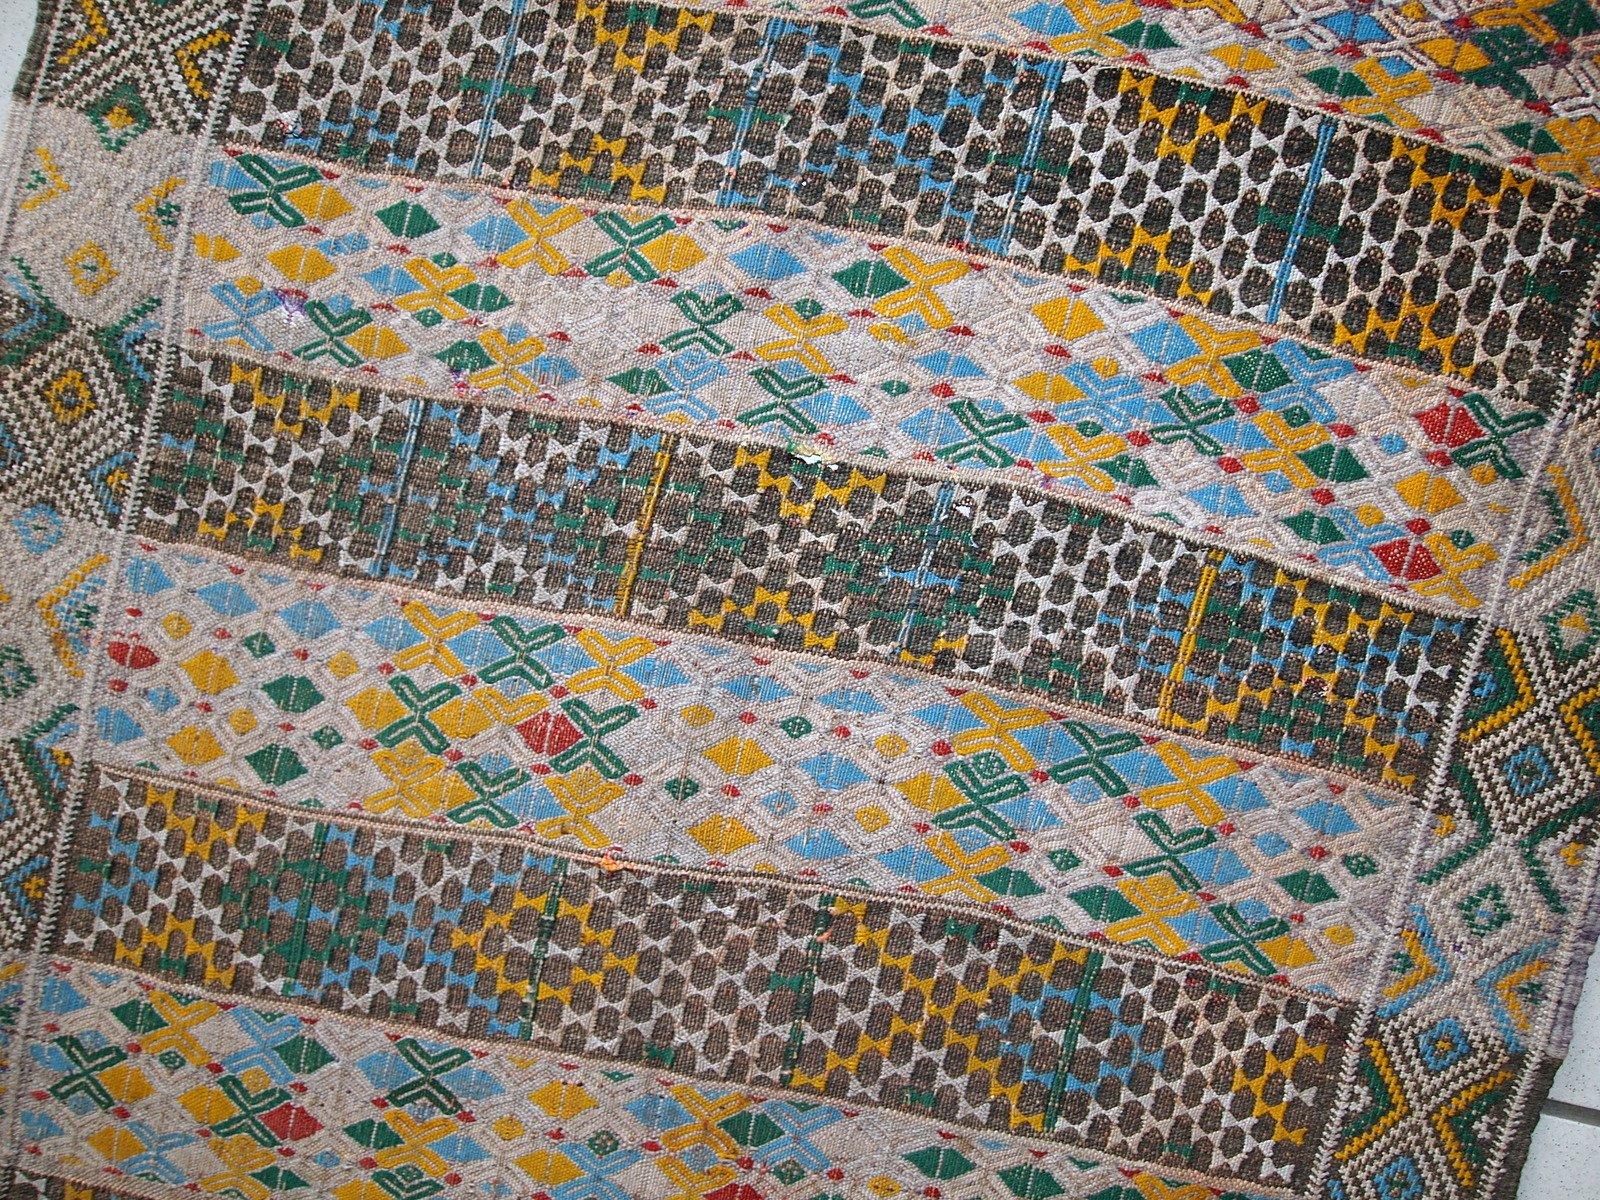 Alfombra Kilim Tunecina Vintage De Tejido Plano Hecha A